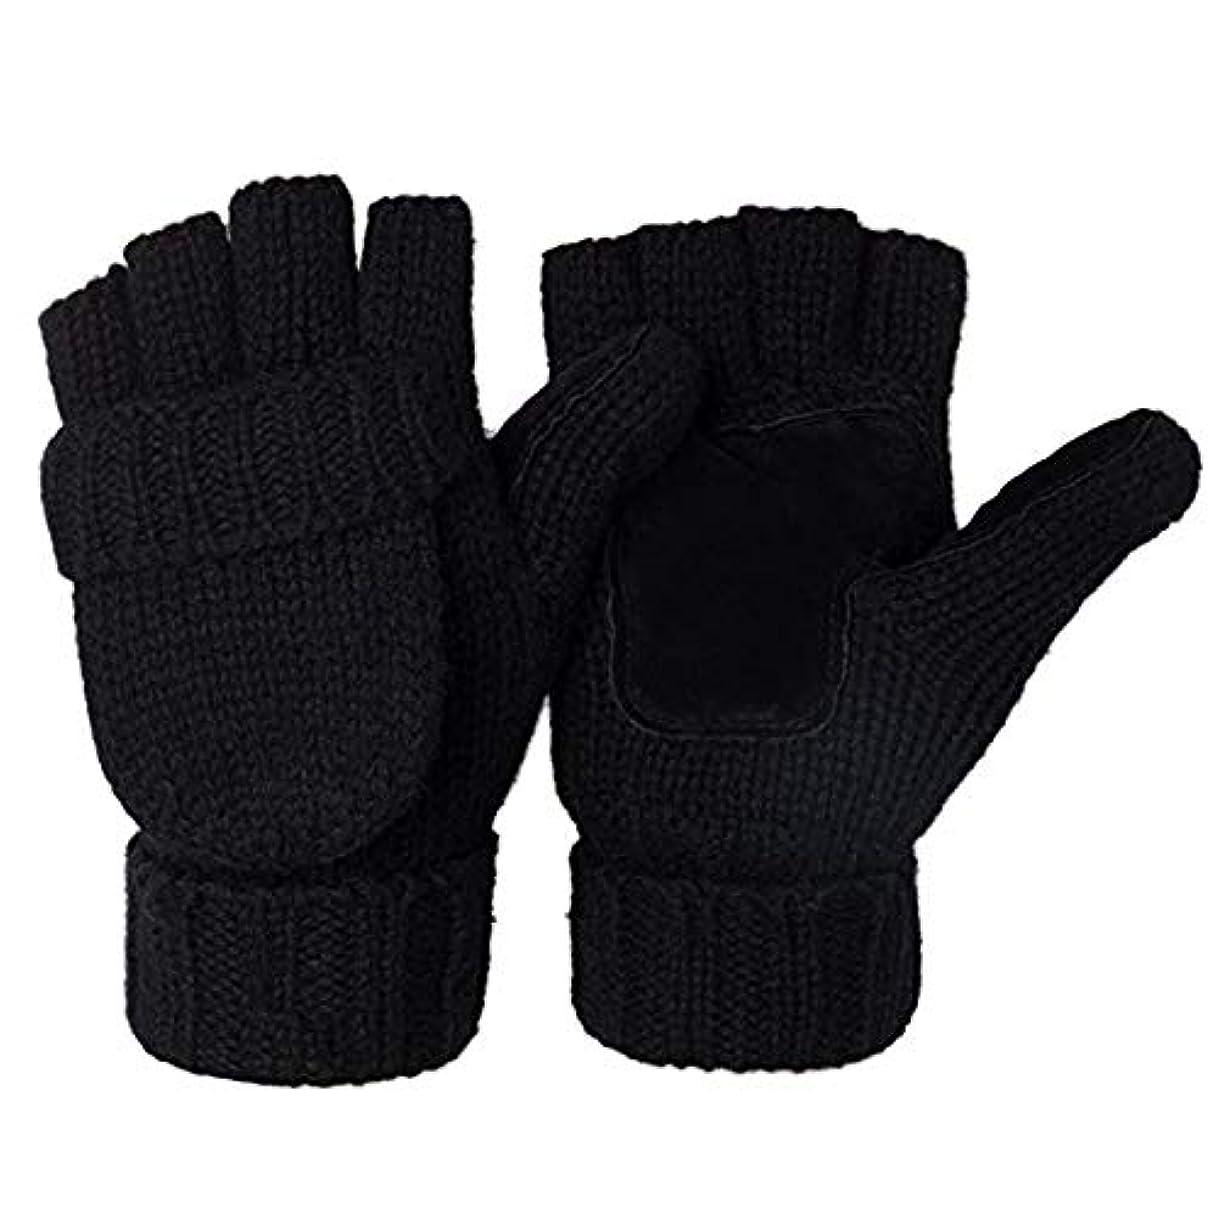 条約コメント相対的冬のニット指なし手袋コンバーチブルウールミトン暖かい手袋女性&男性,黒